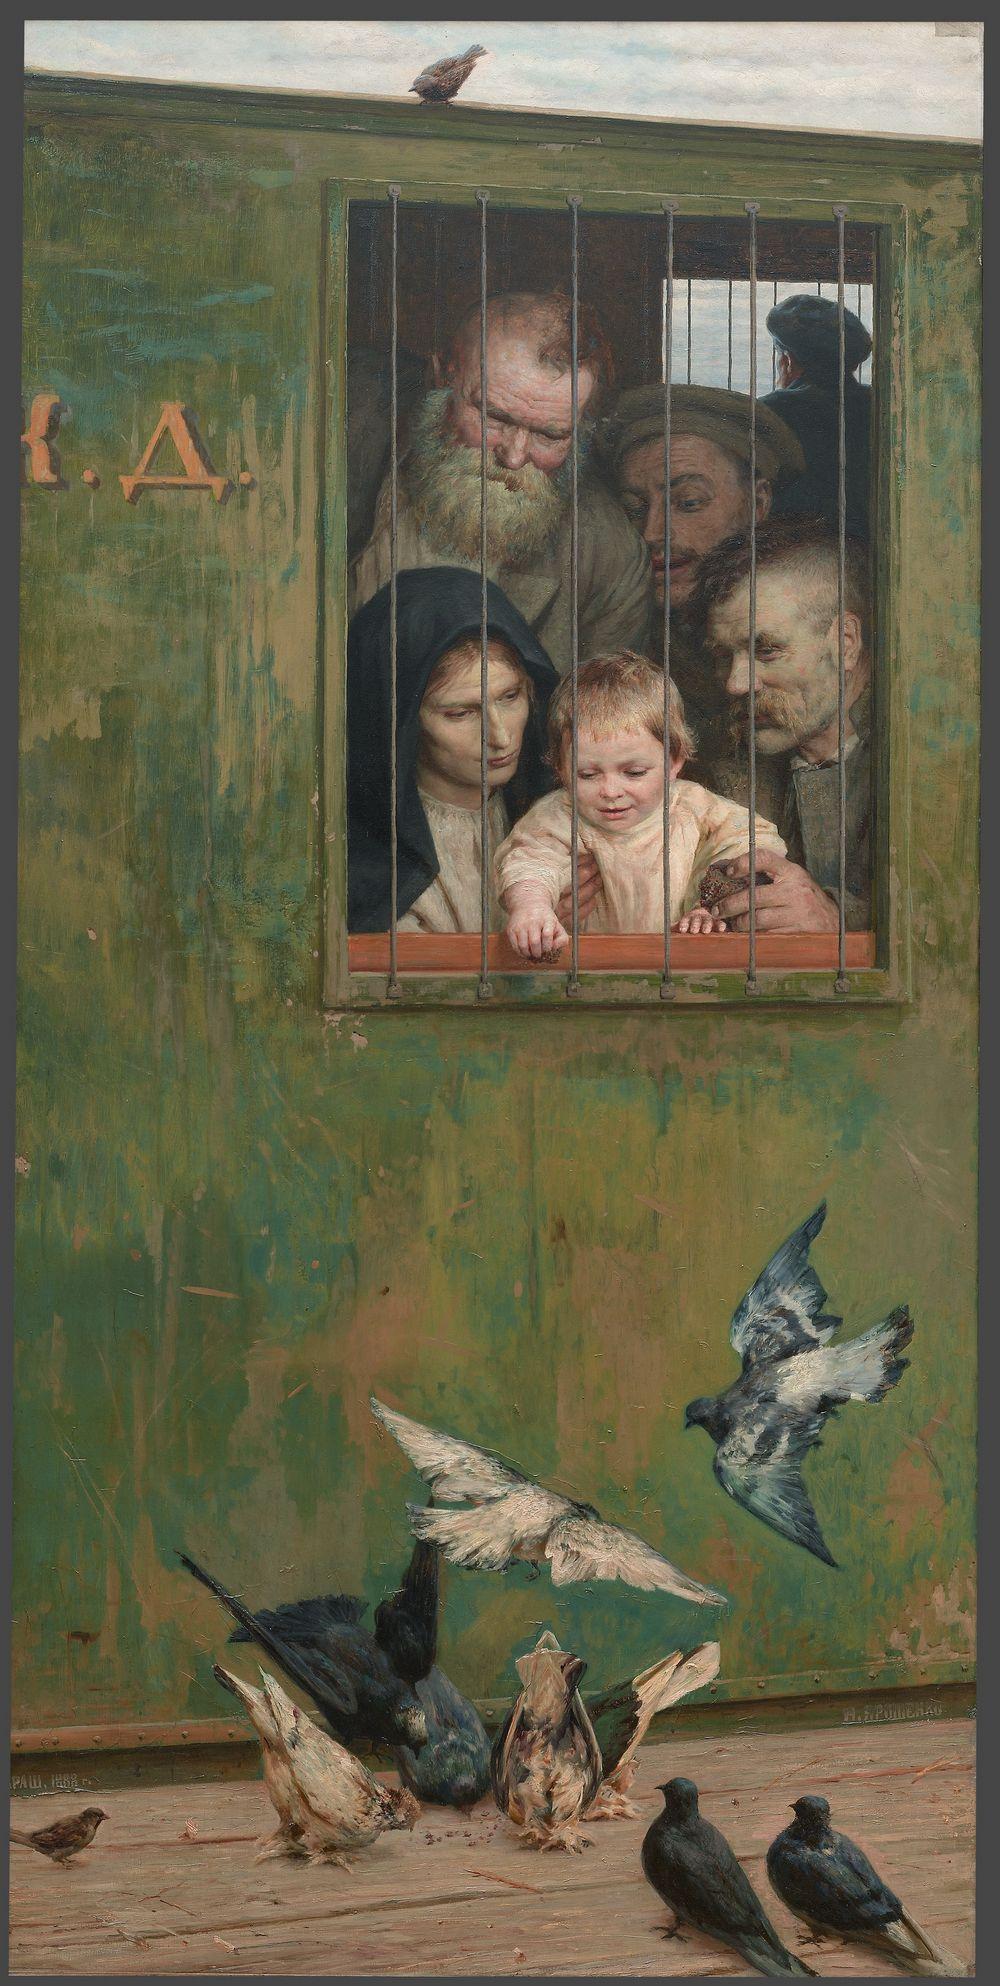 Живописец Николай Александрович Ярошенко (1846 — 1898) | Часть IV